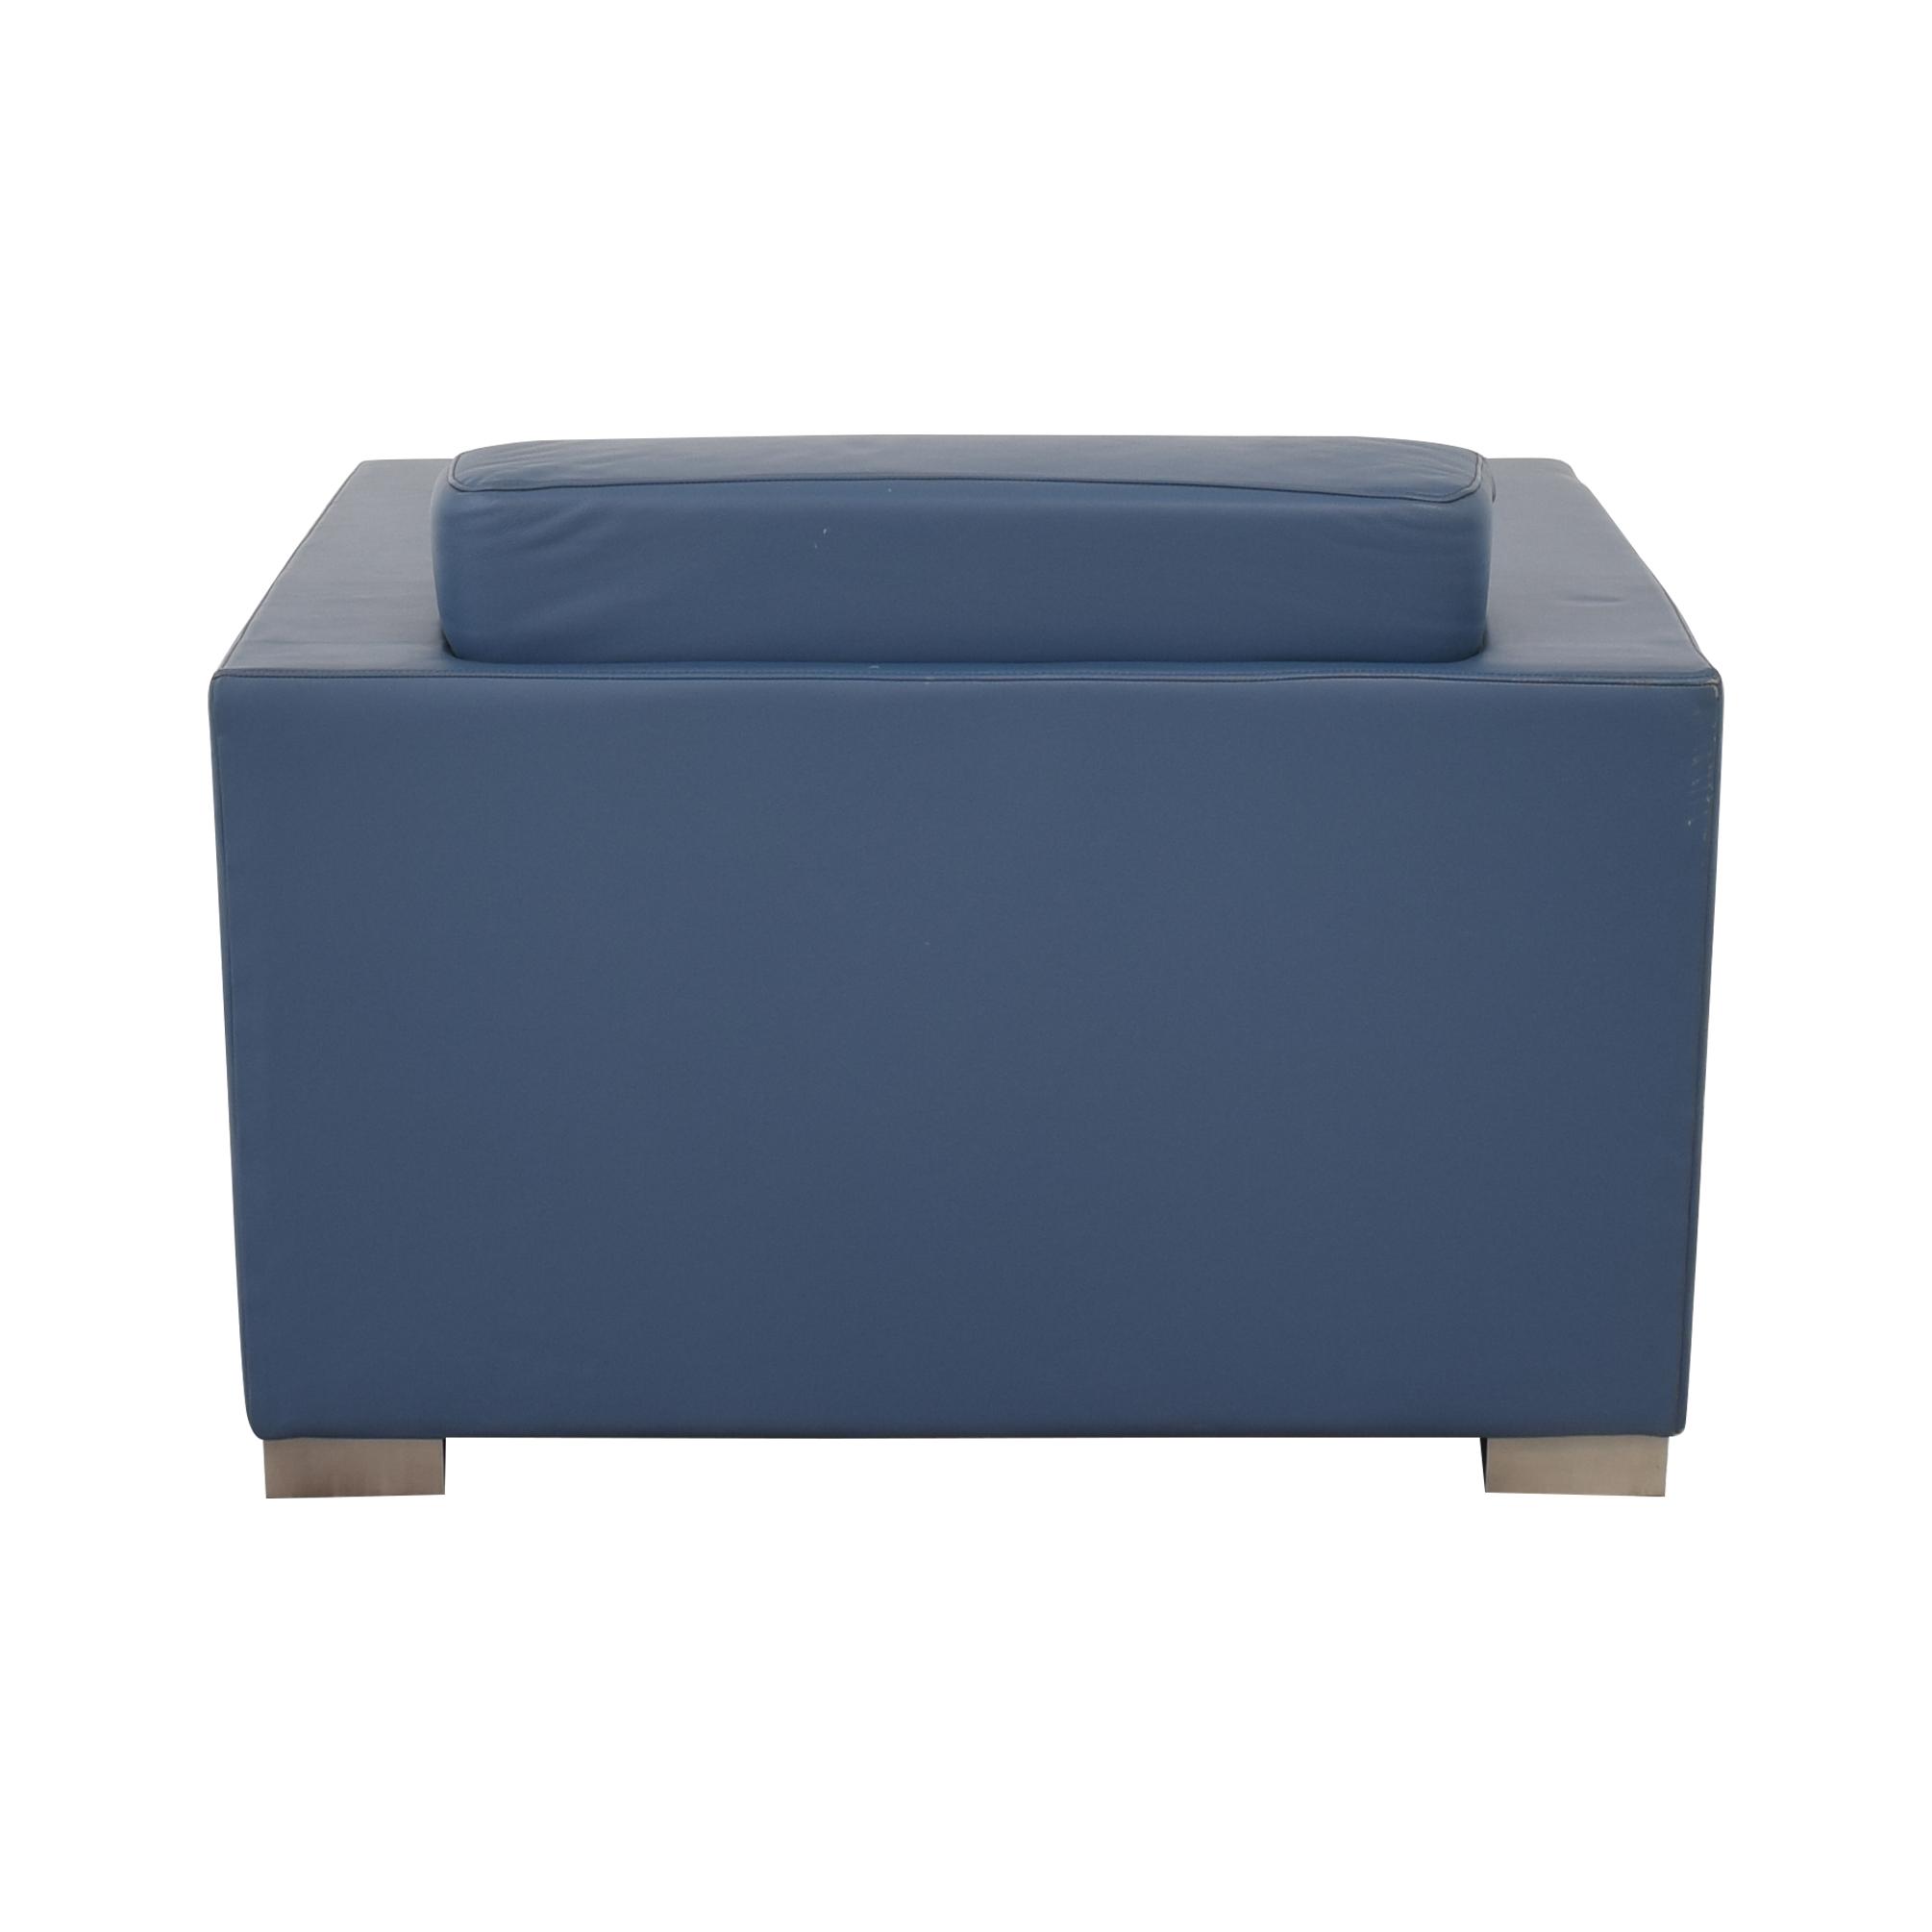 Bernhardt Bernhardt Design Blue Leather Arm Chair nyc